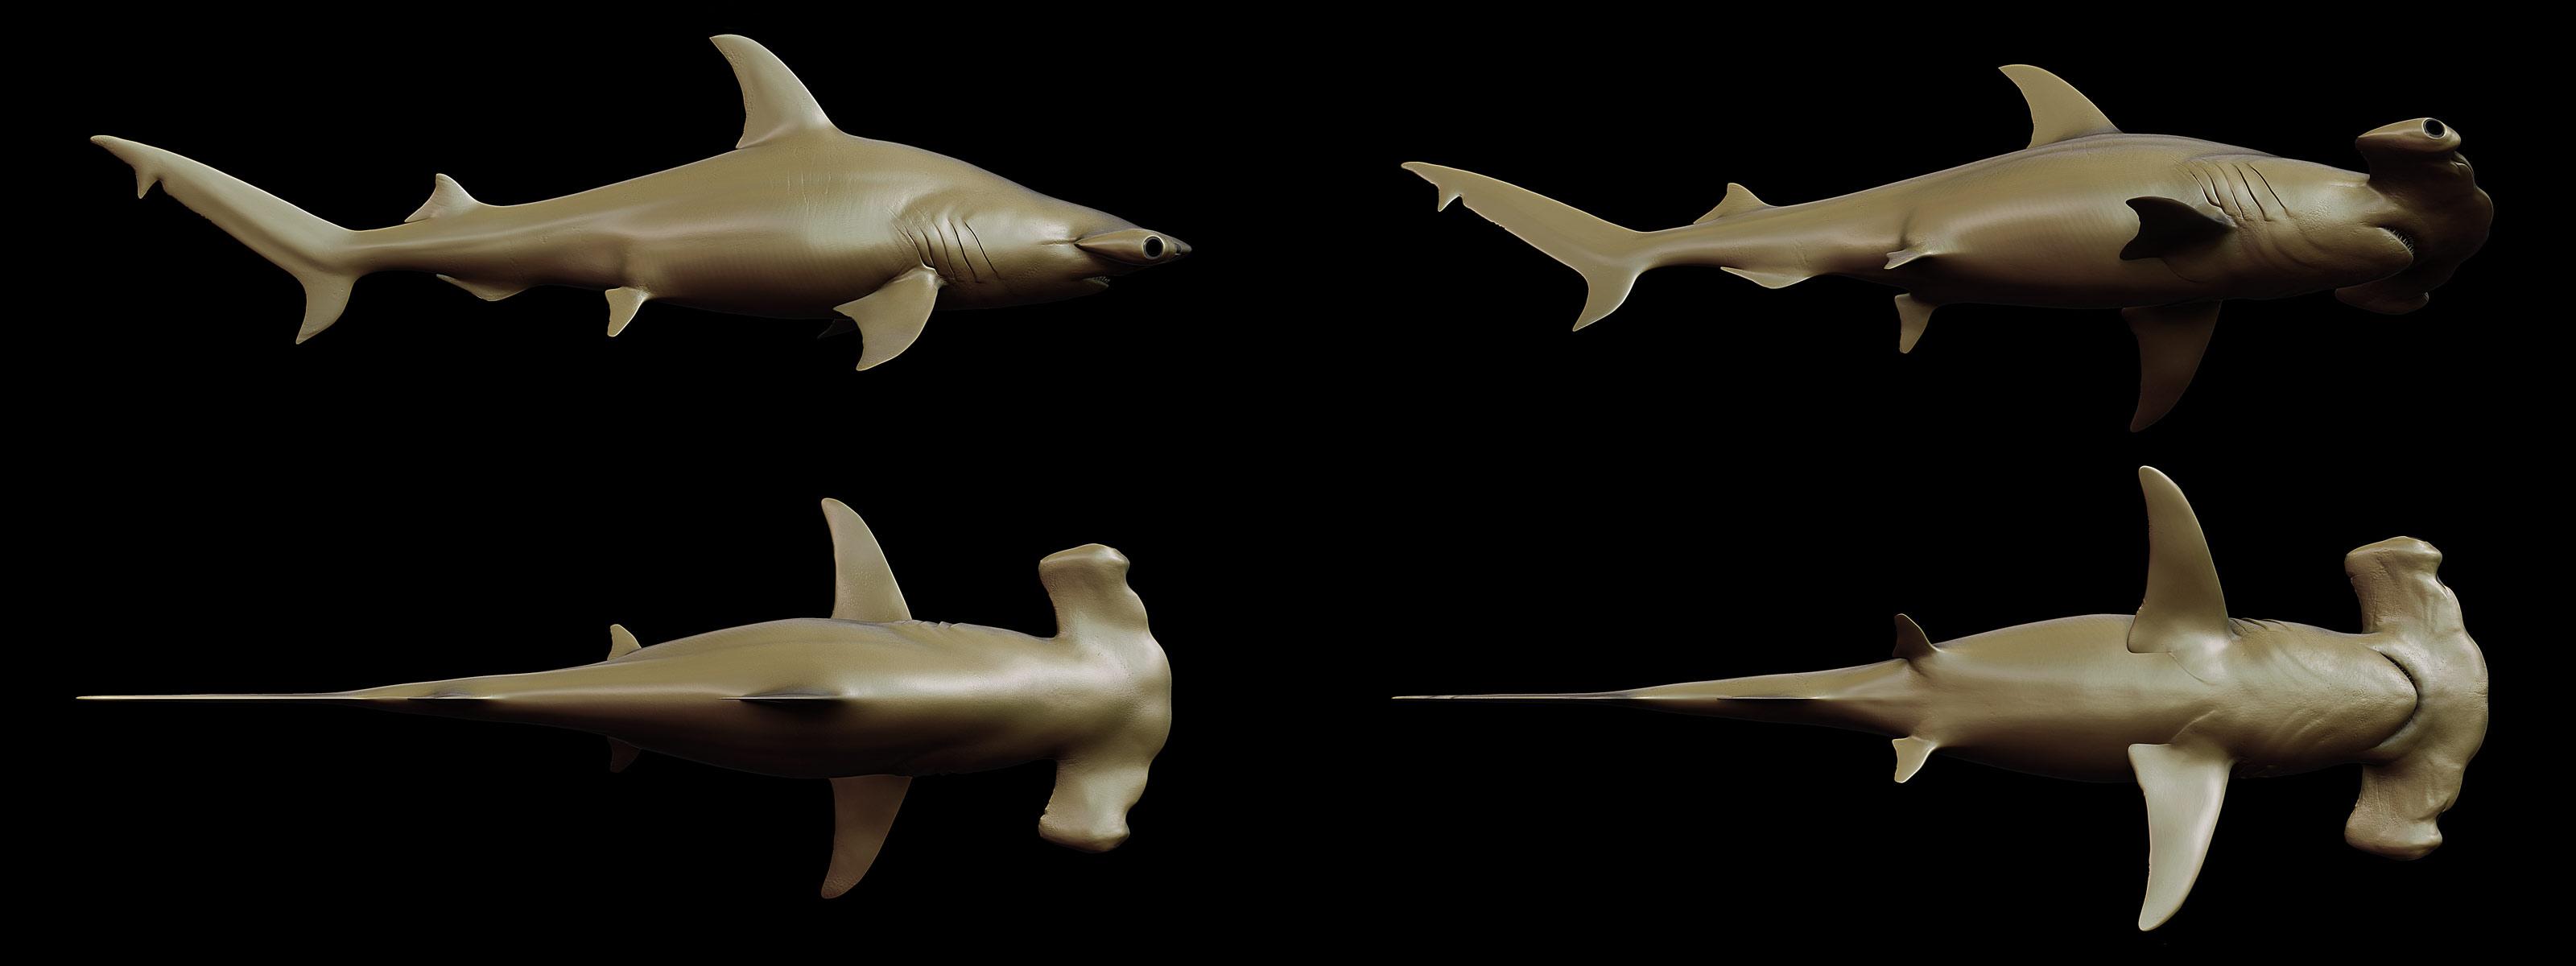 HammerHead Shark - Sphyrna mokarran